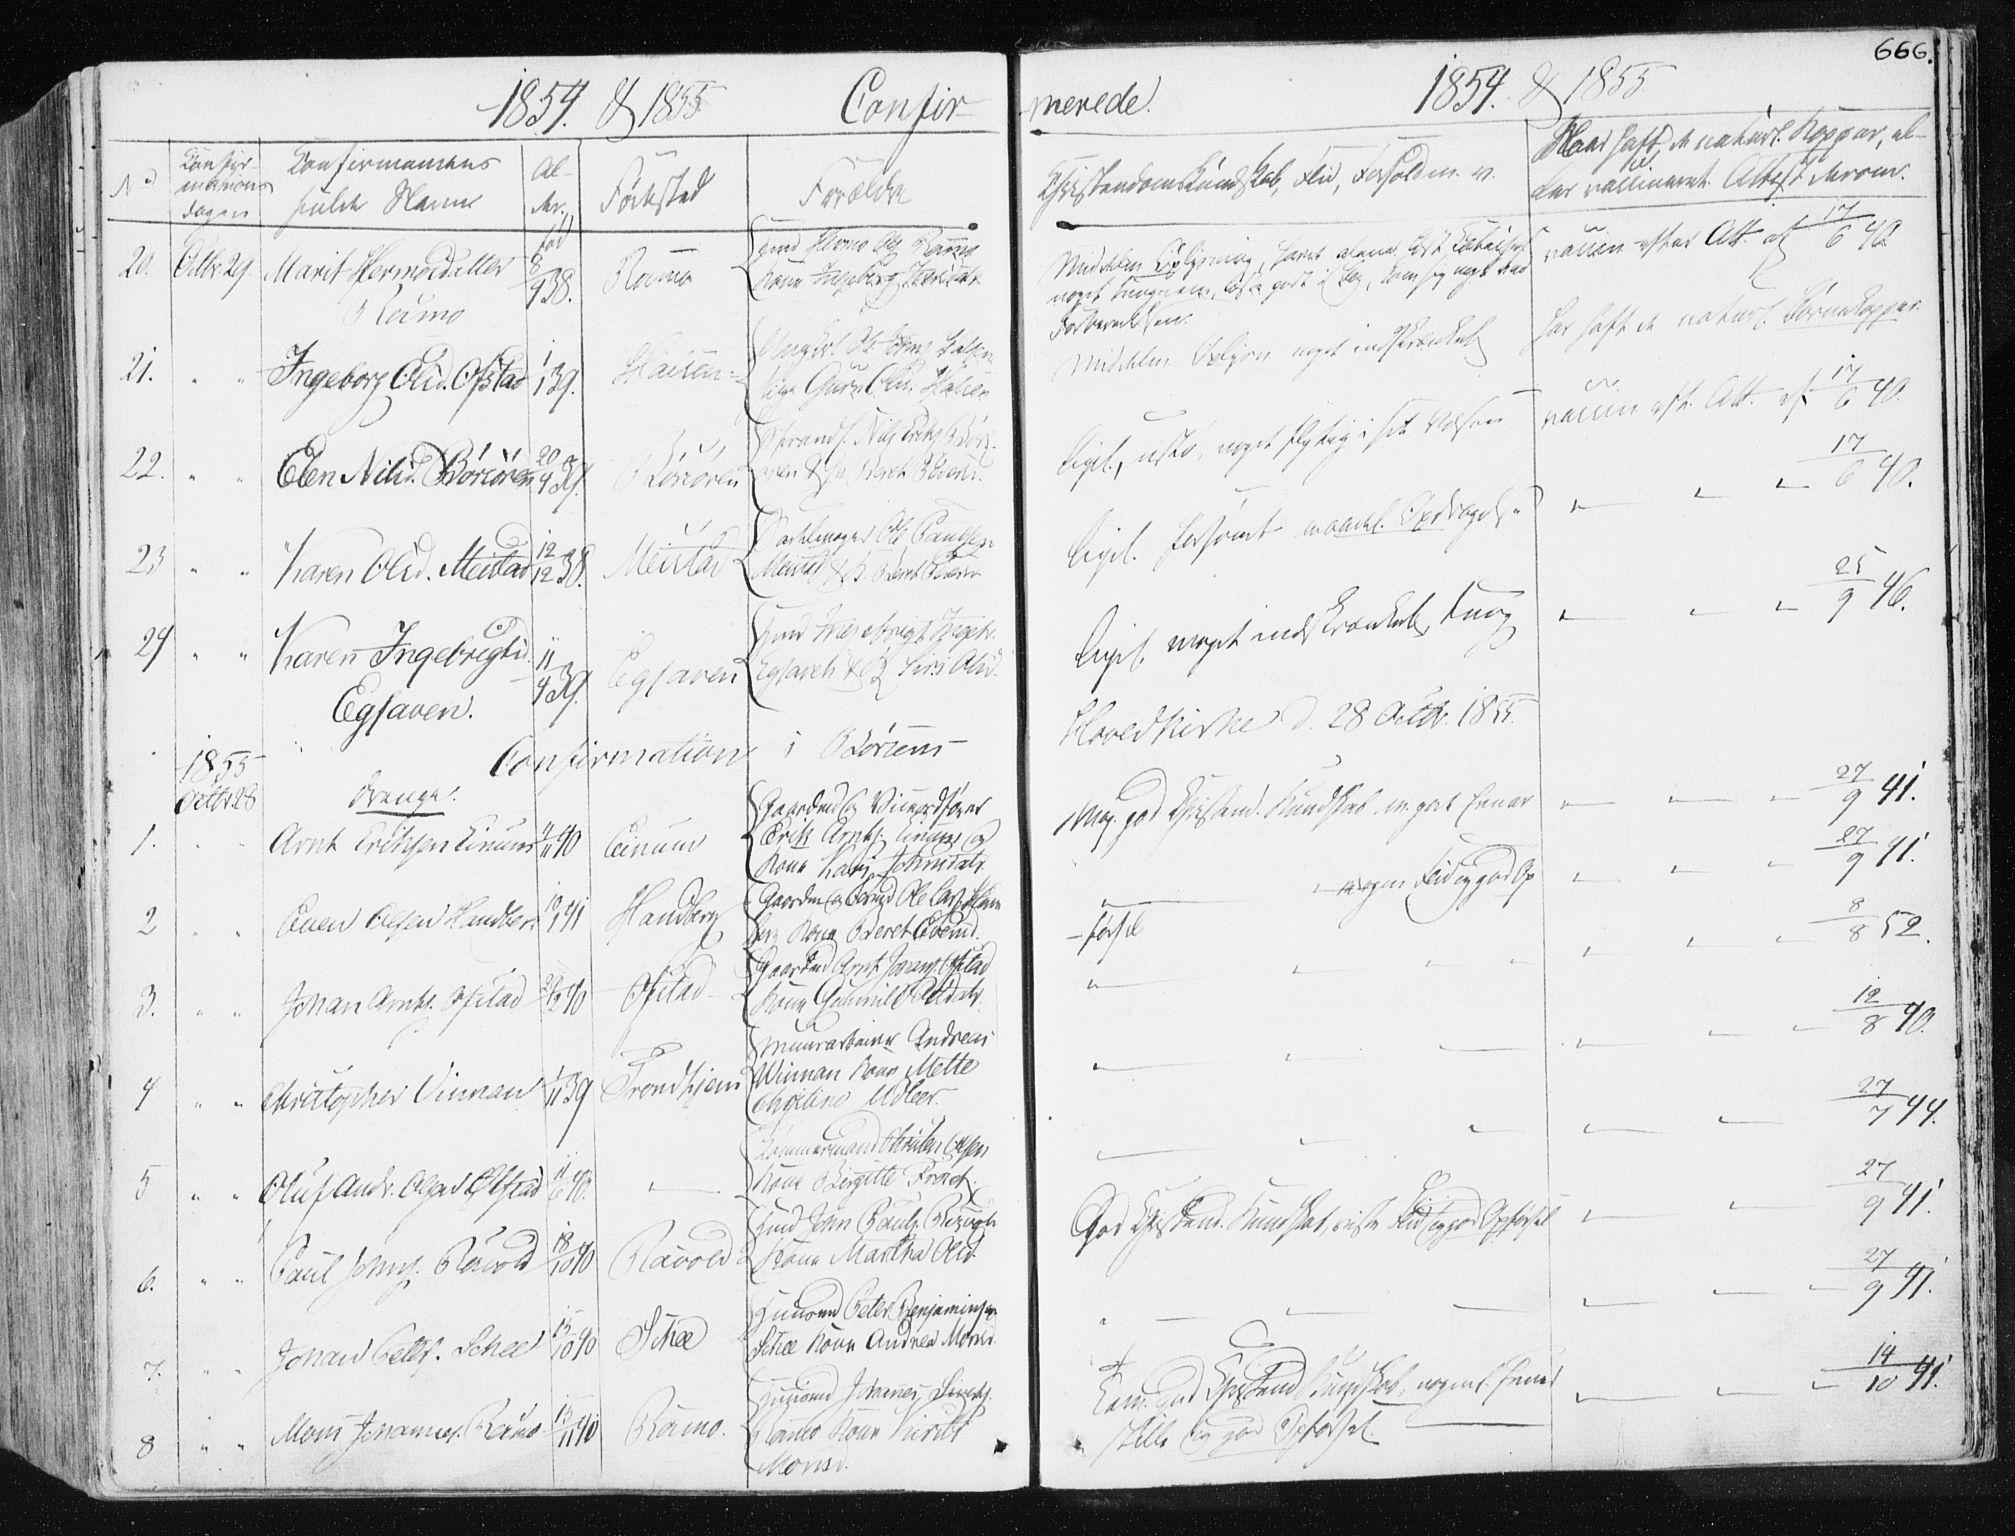 SAT, Ministerialprotokoller, klokkerbøker og fødselsregistre - Sør-Trøndelag, 665/L0771: Ministerialbok nr. 665A06, 1830-1856, s. 666